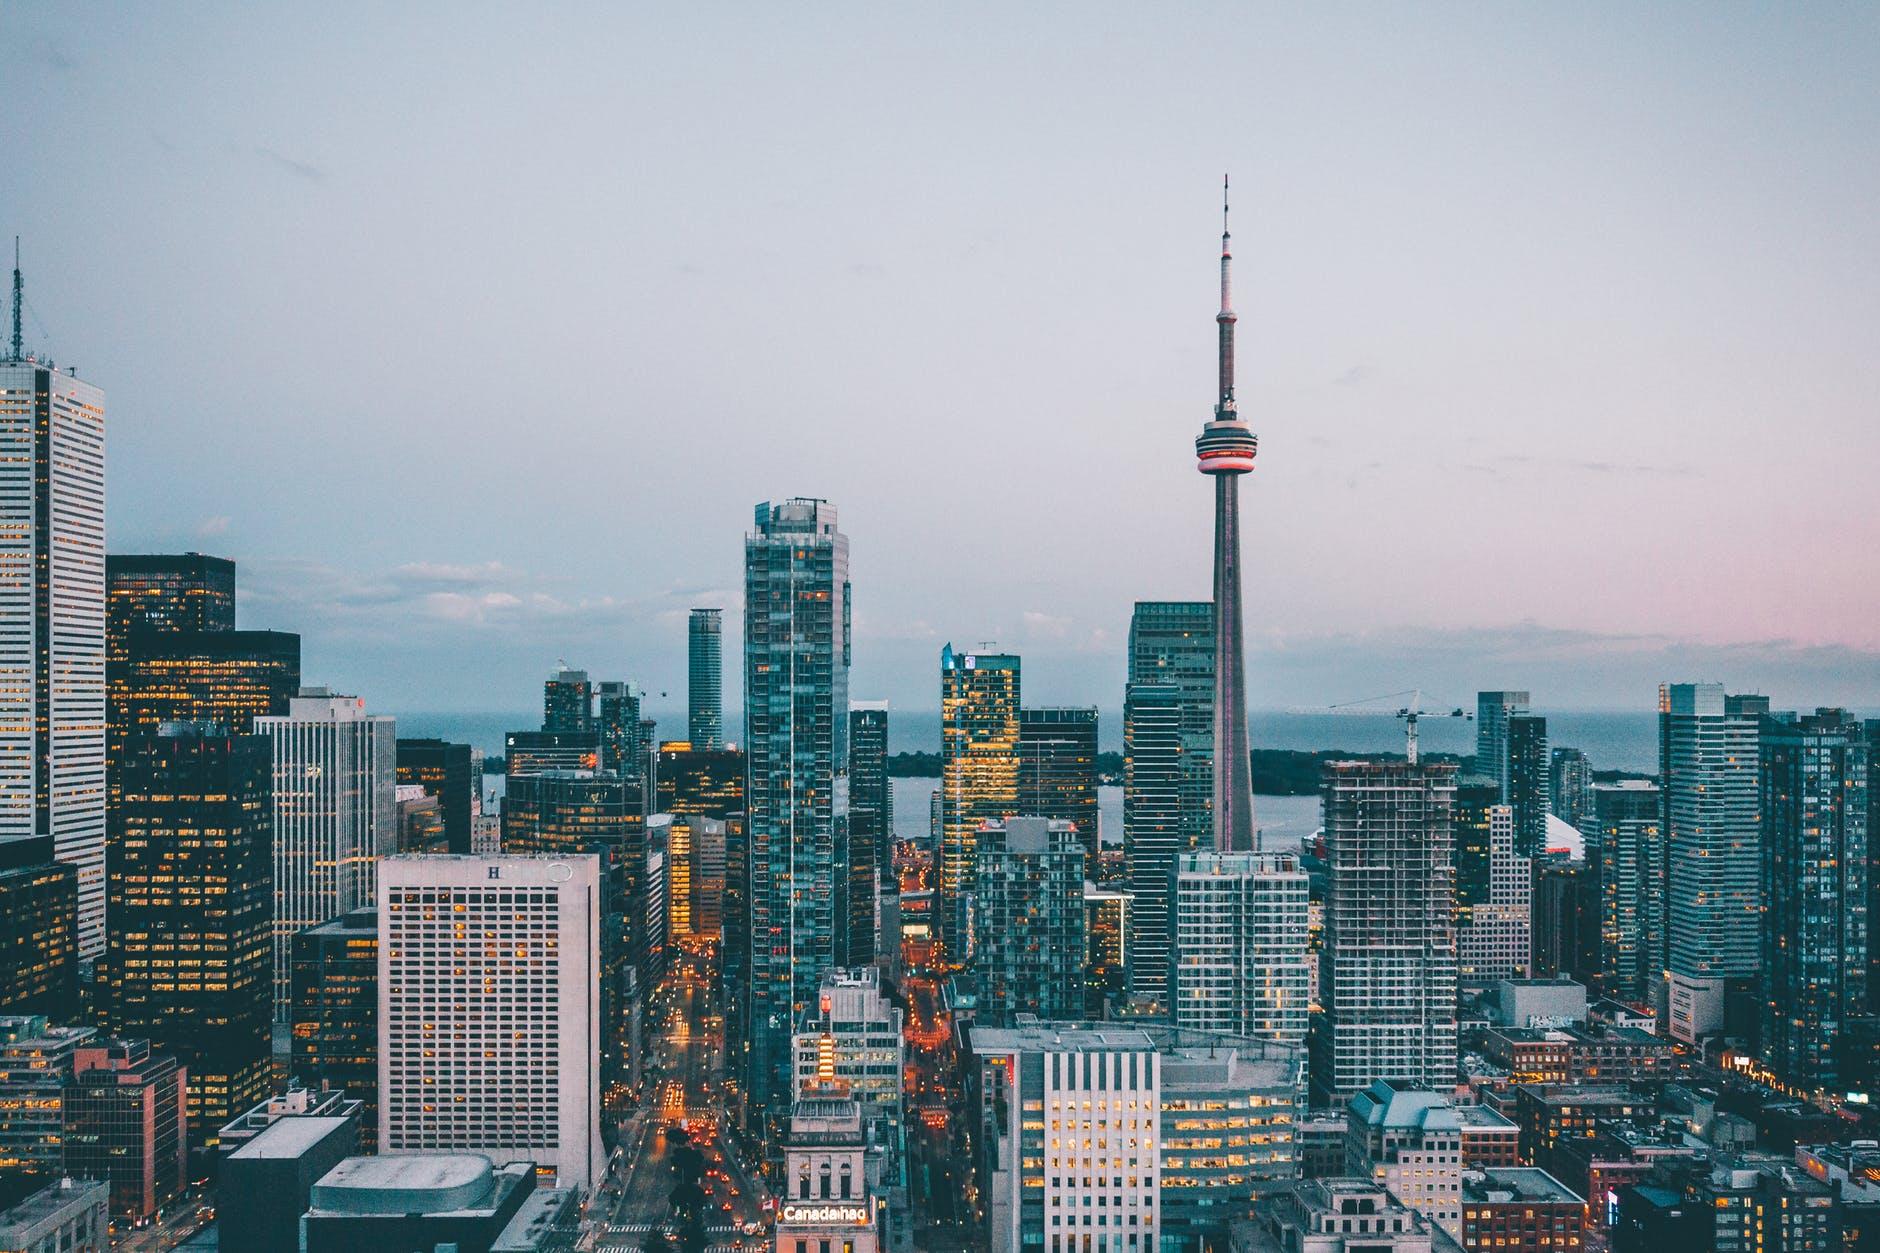 加拿大.jpeg